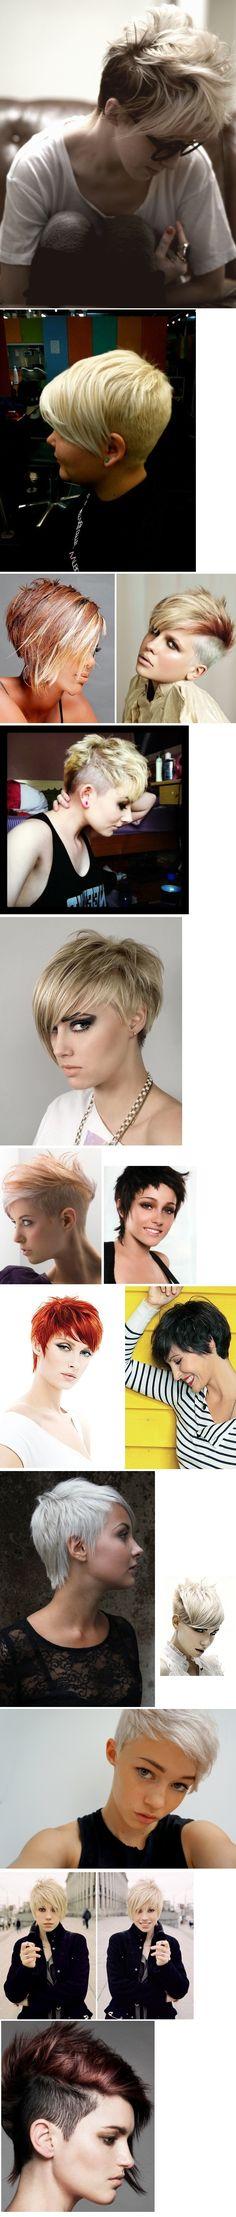 Μια γκάλερι με 15 πανέμορφες προτάσεις για μαλλιά σε κοντές γραμμές! Όσες είστε fans του είδους, μην τα χάσετε!